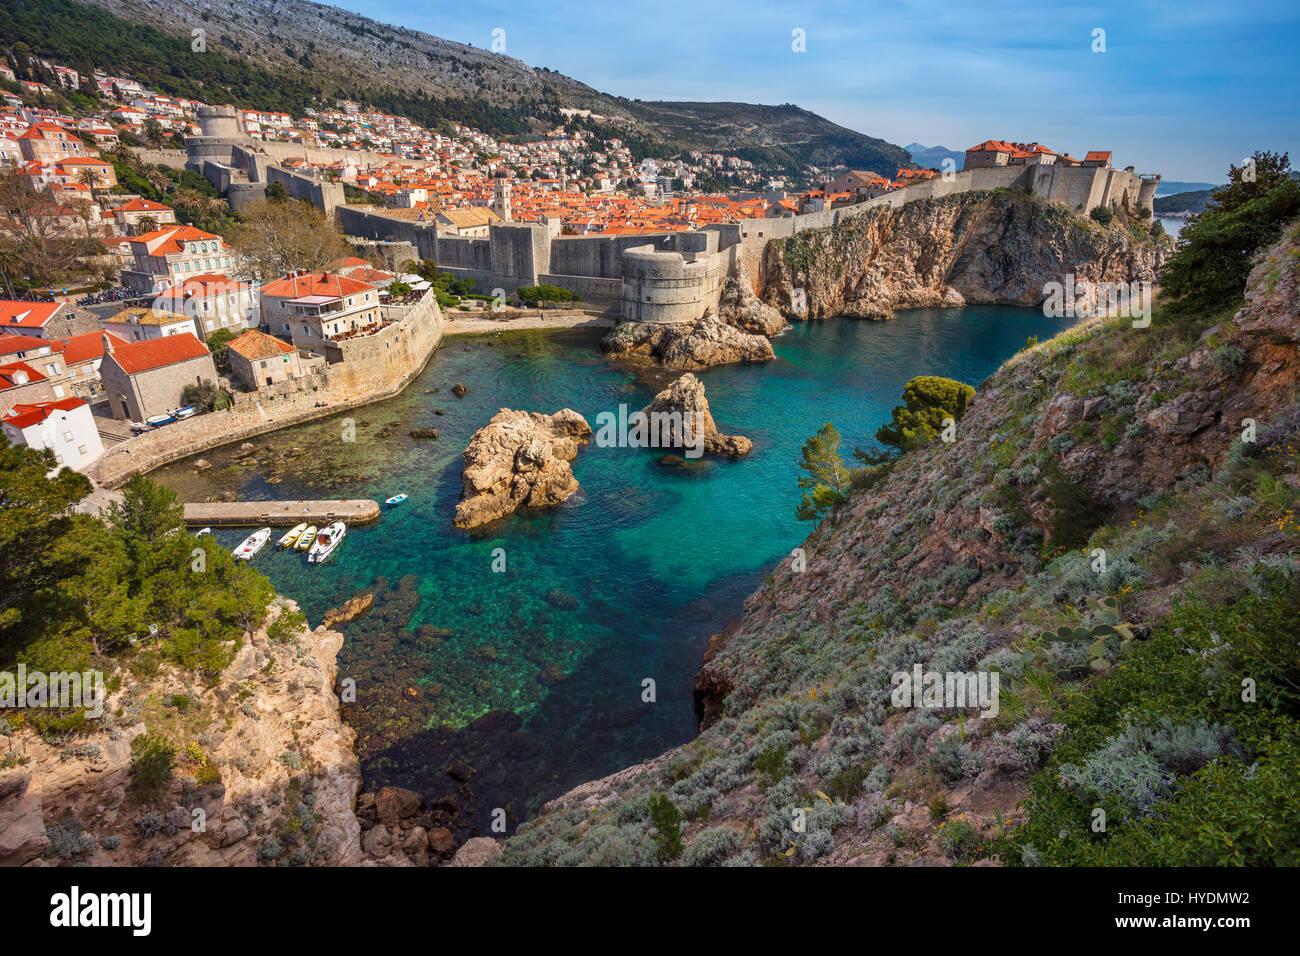 Dubrovnik, Croacia. Bonito y romántico casco antiguo de Dubrovnik durante el día soleado. Imagen De Stock